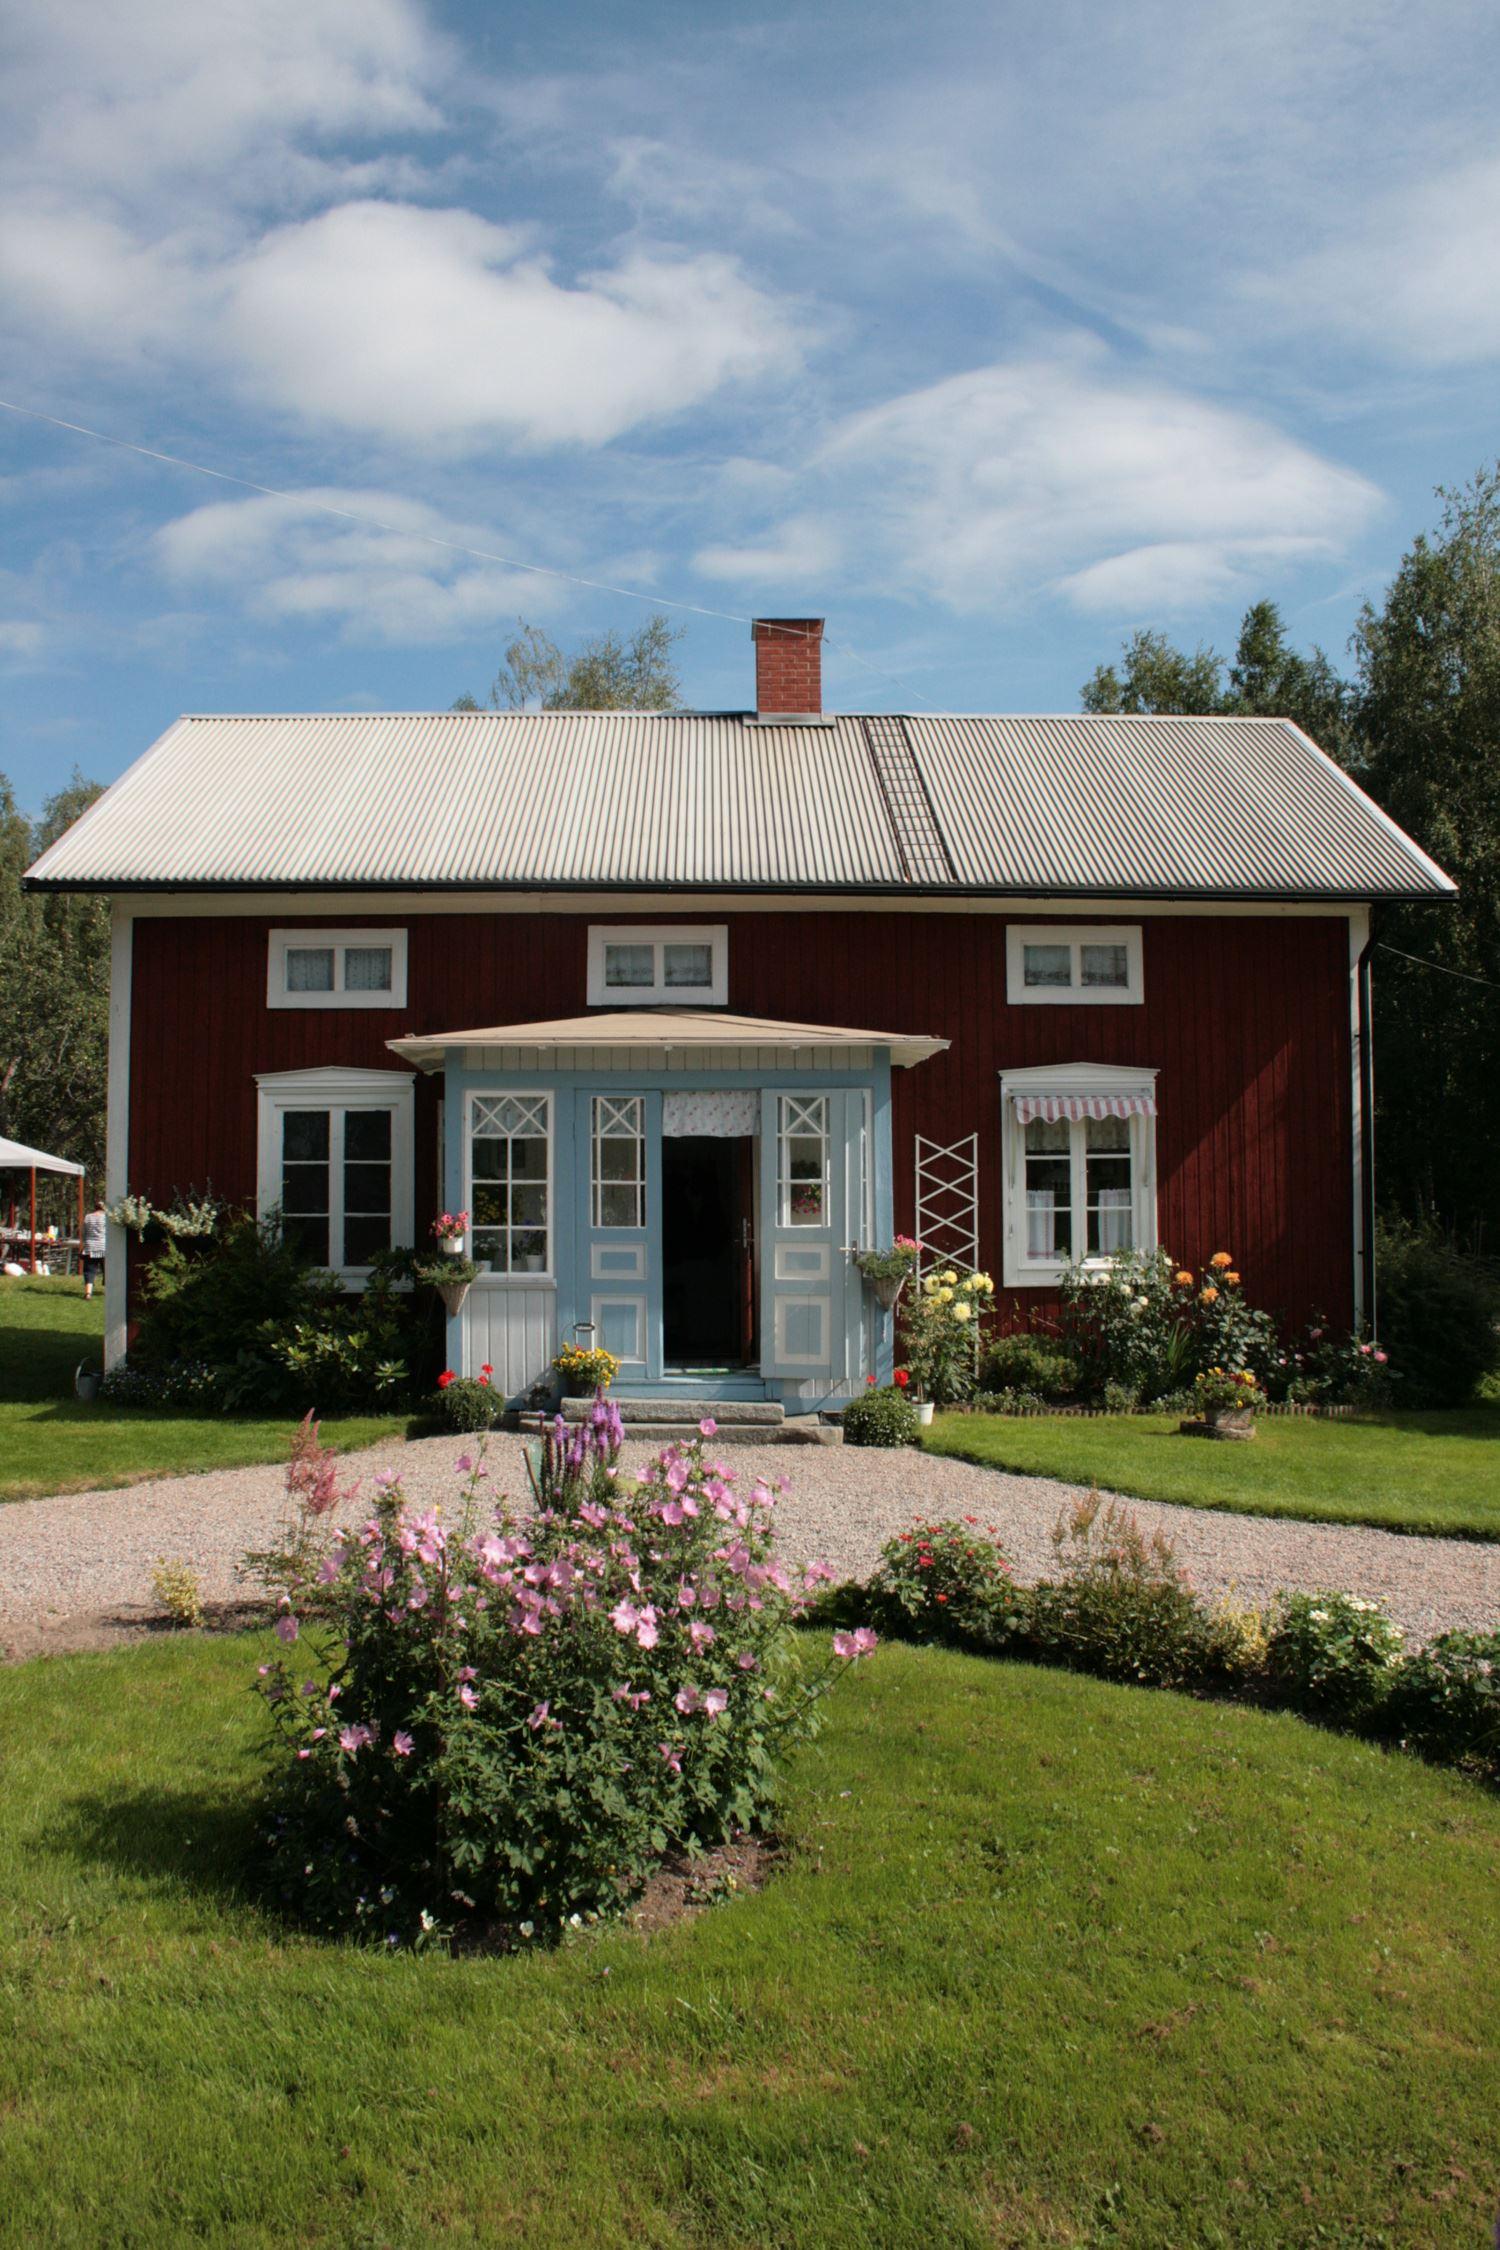 Foto: Pia R Wallner, Stora Skedvi Naturgård - Gårdsbesök